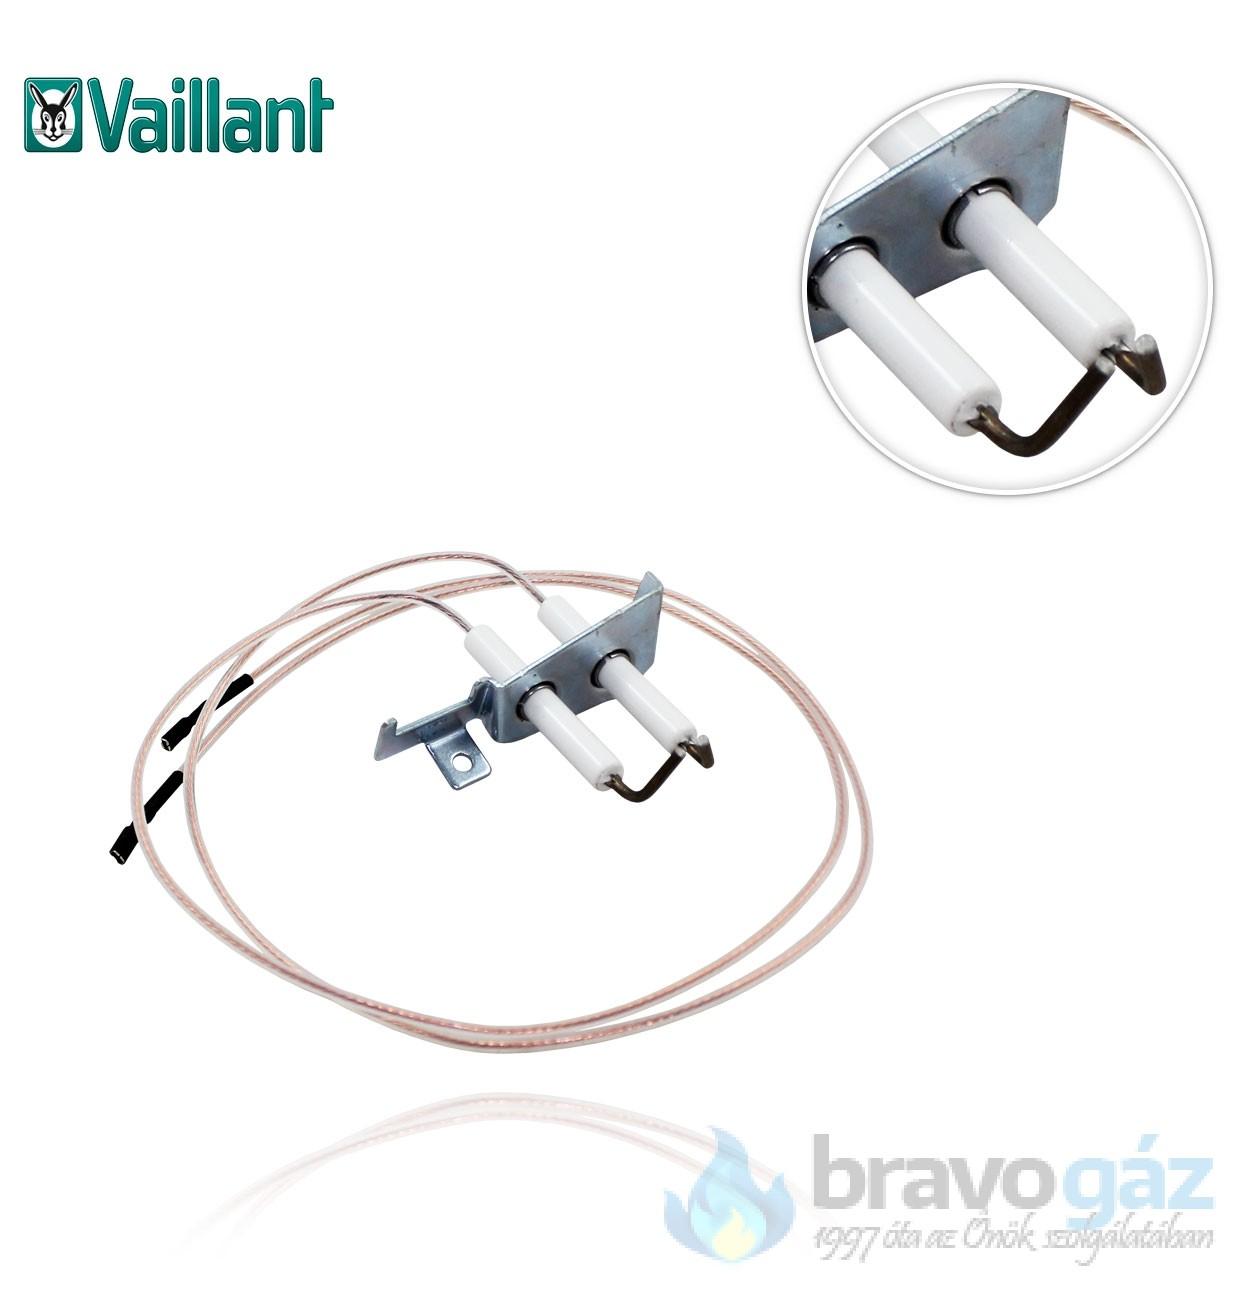 Vaillant gyújtóelektróda /3 PRO 0020019985